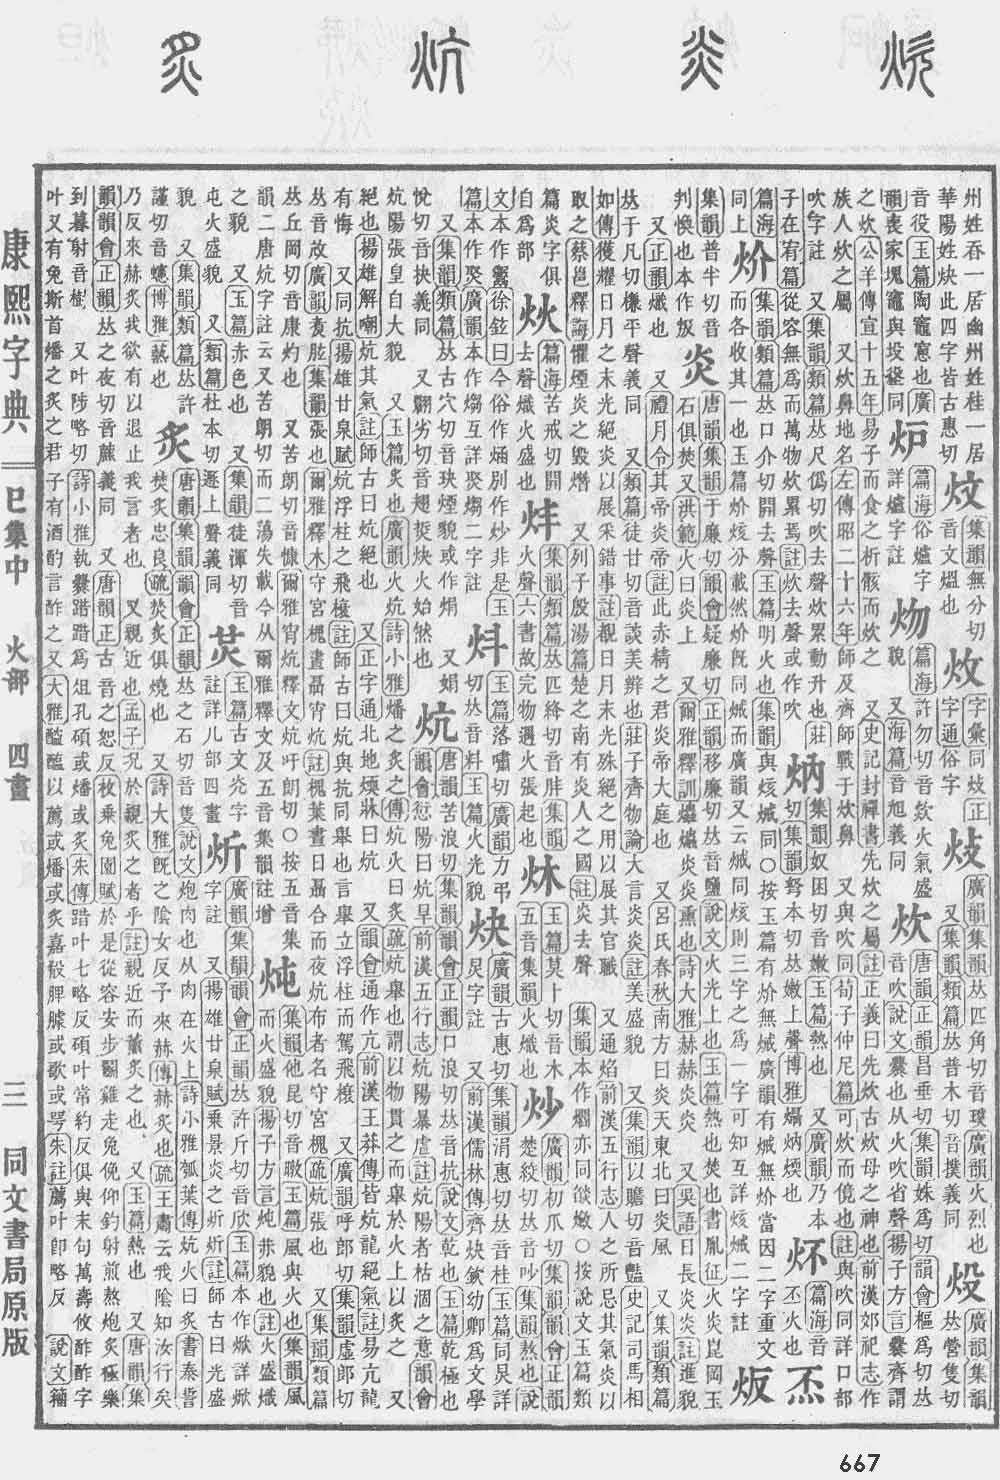 《康熙字典》第667页